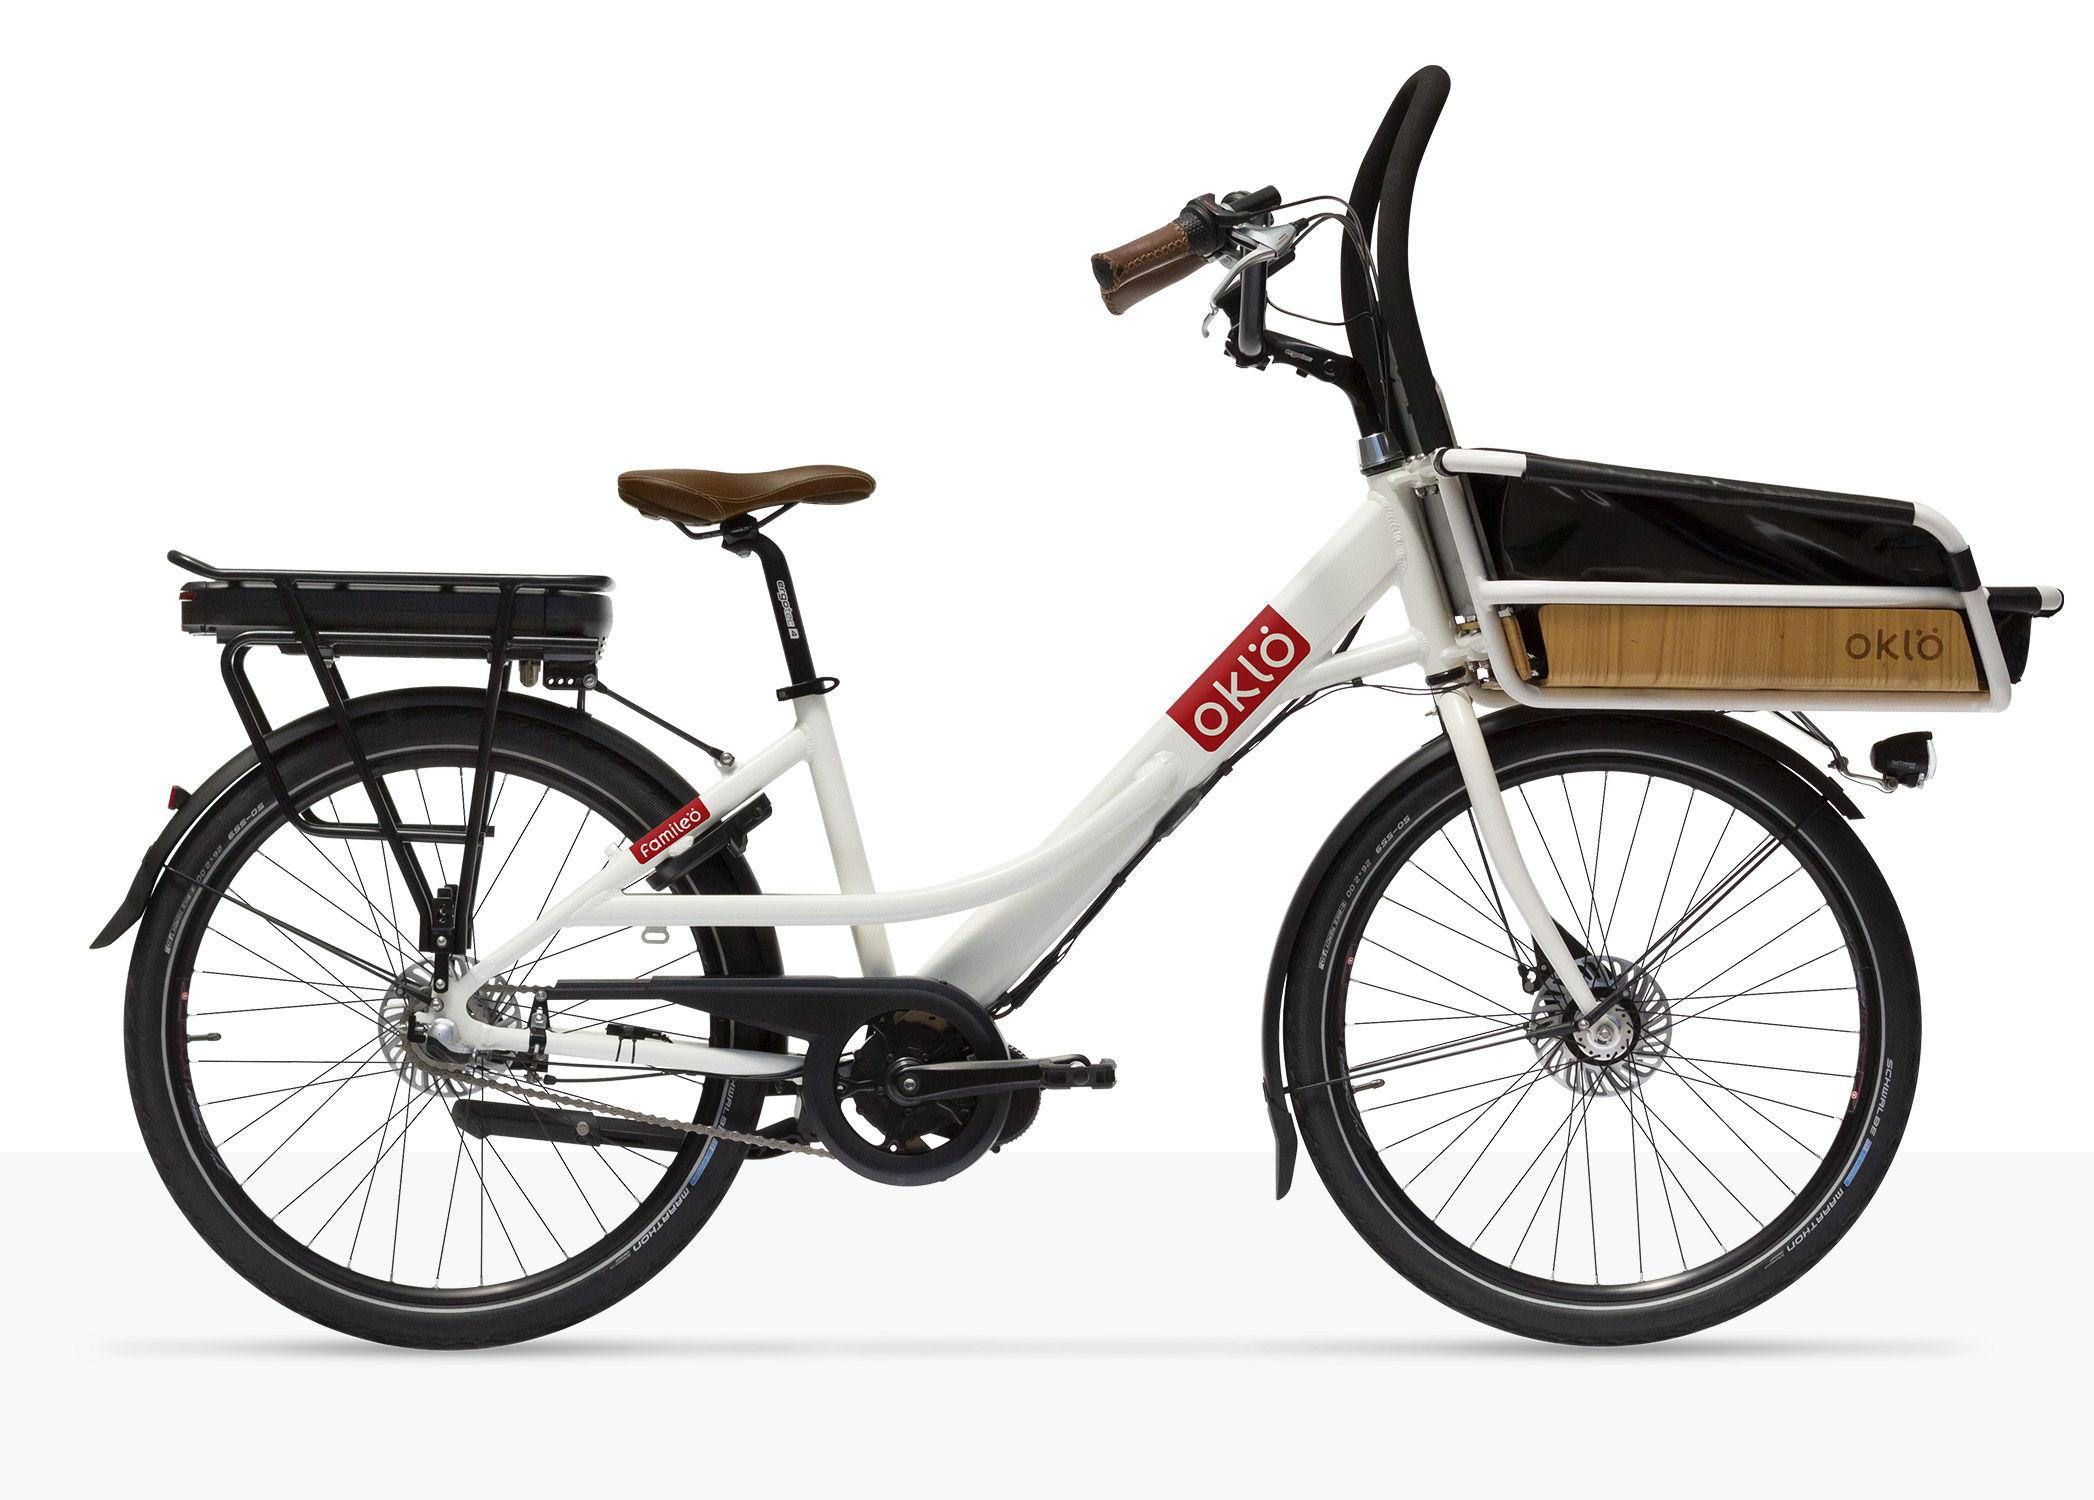 Le vélo Oklö est simple et robuste, aussi compact qu'un vélo de ville, mais il permet d'emporter jusqu'à 2 enfants, vos courses ou votre chien.